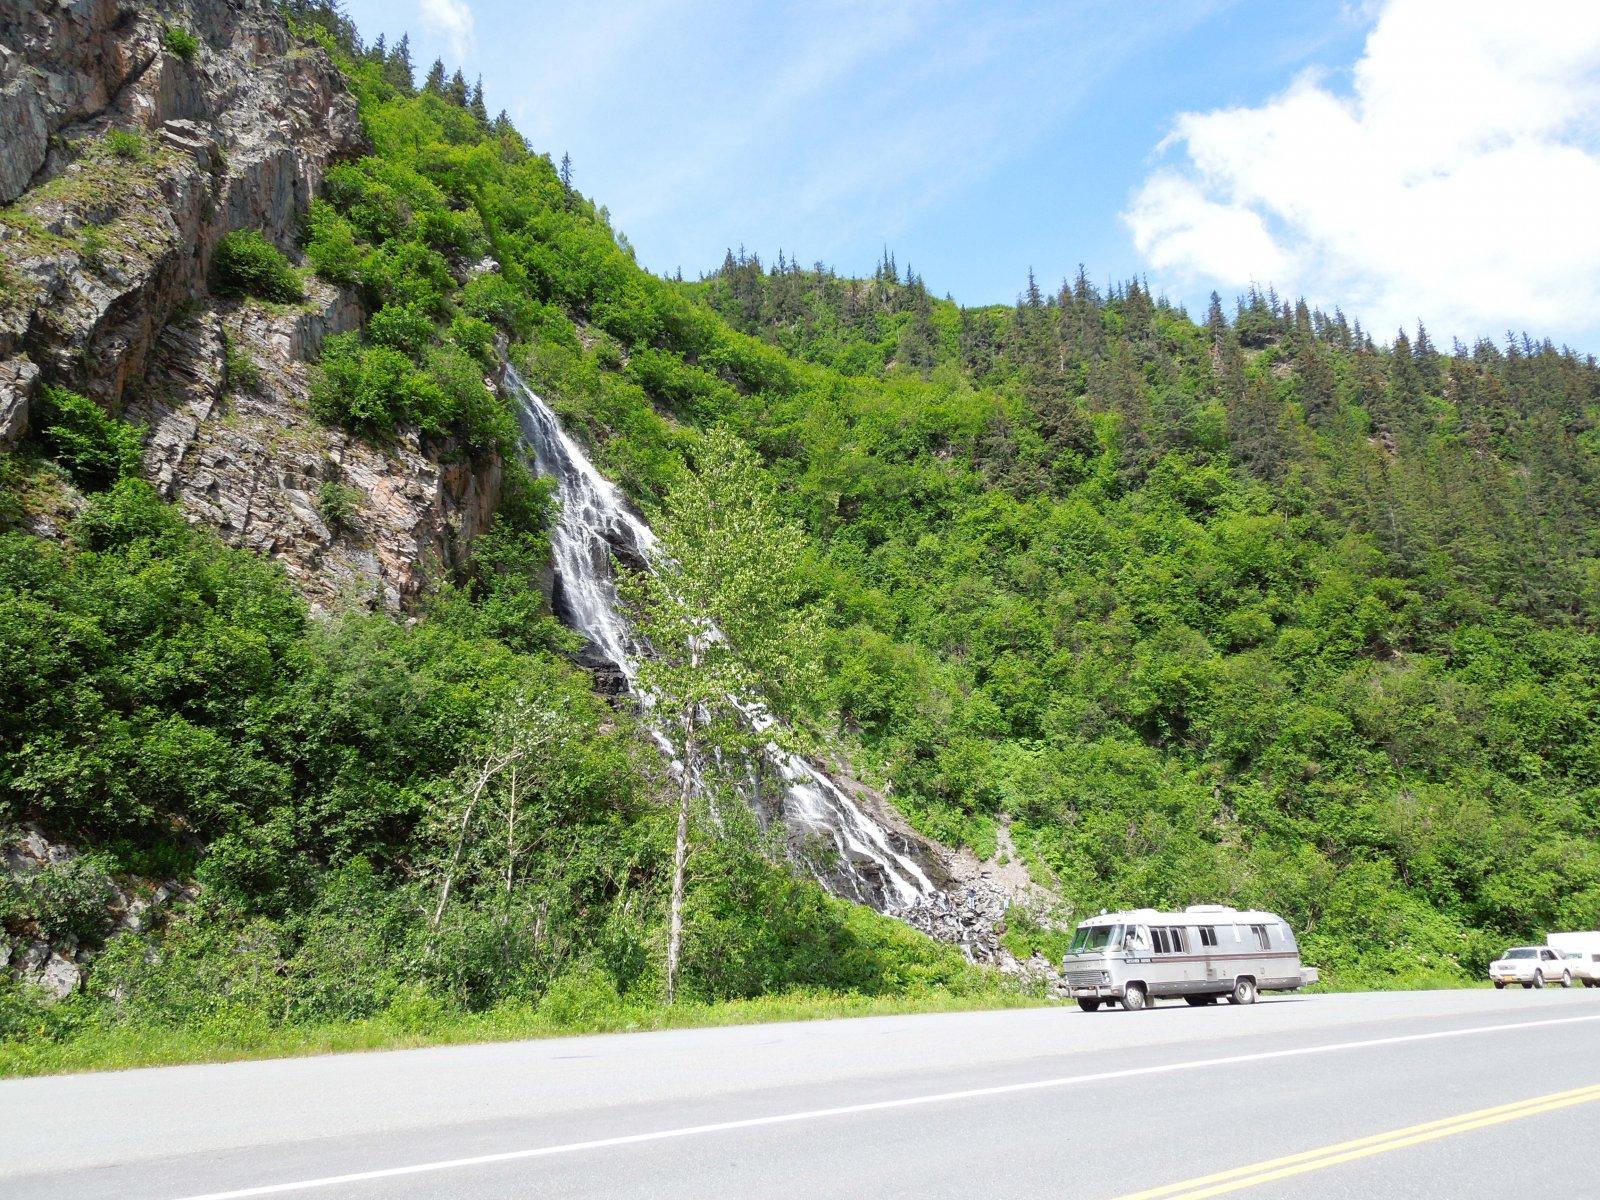 Click image for larger version  Name:Glennallen to Valdez 130.jpg Views:67 Size:635.7 KB ID:215345